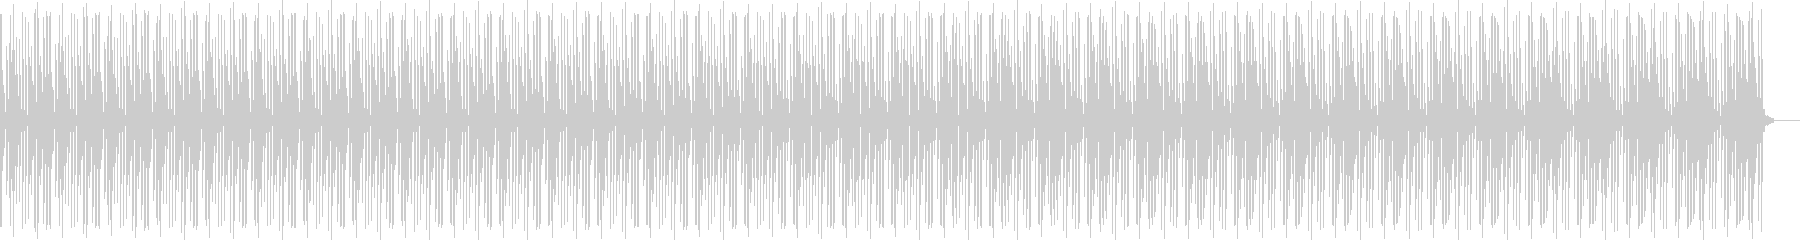 サンバ(電子ドラム)の未再生の波形